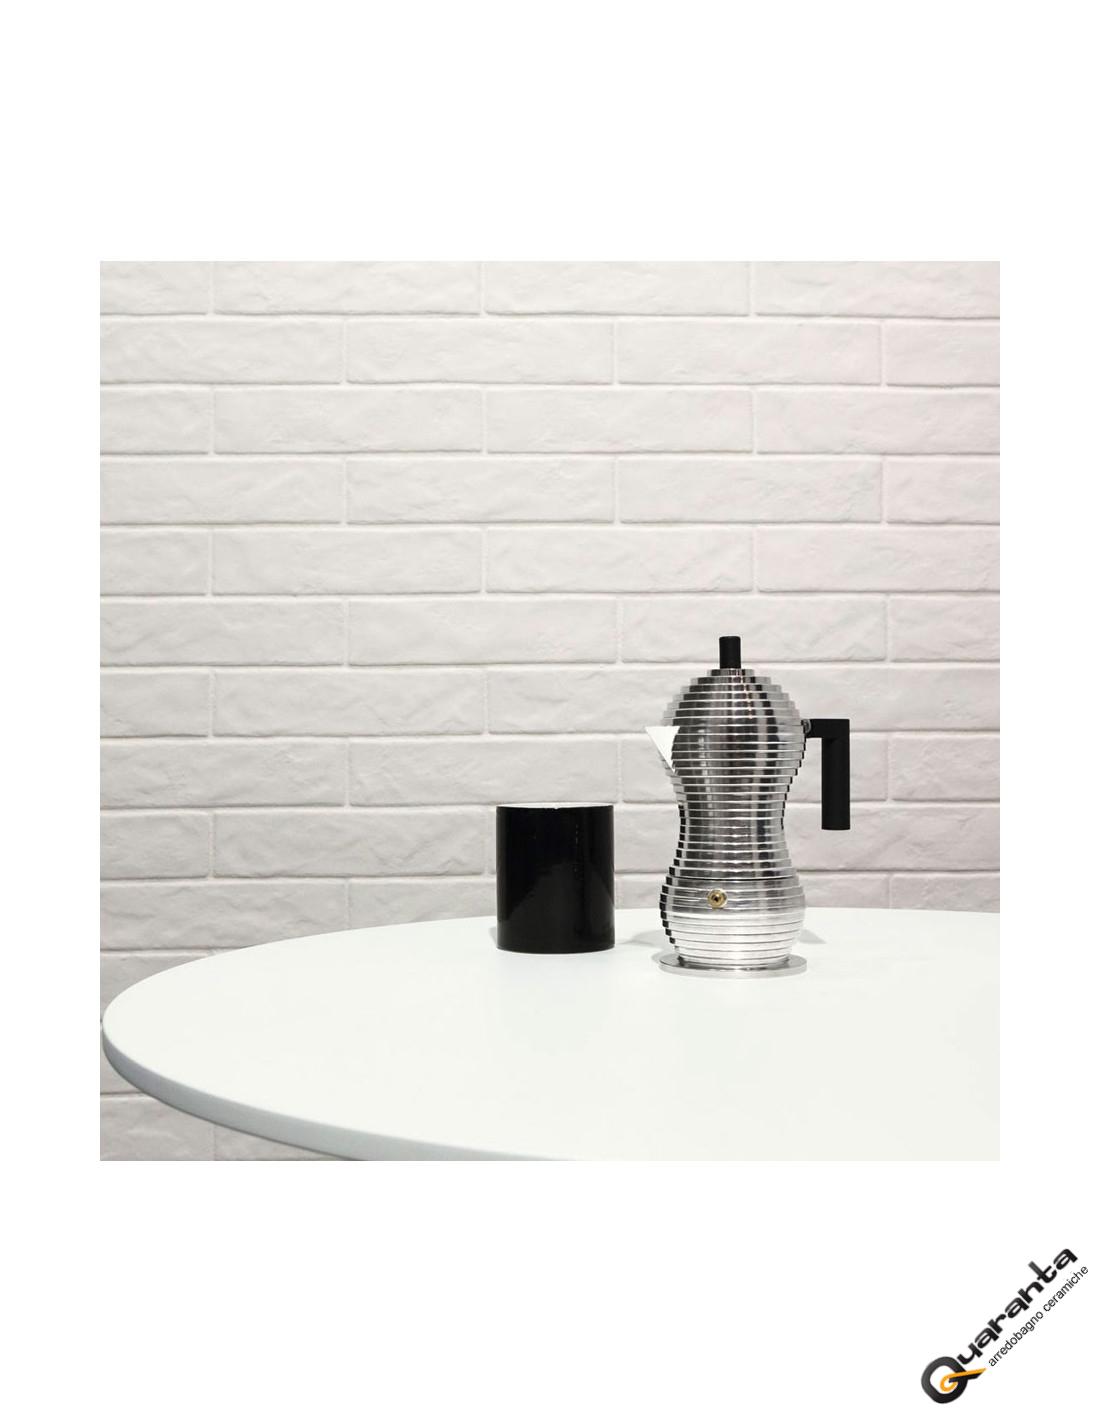 Marazzi Bricco Bianco 7x28 M035 | Quaranta Ceramiche